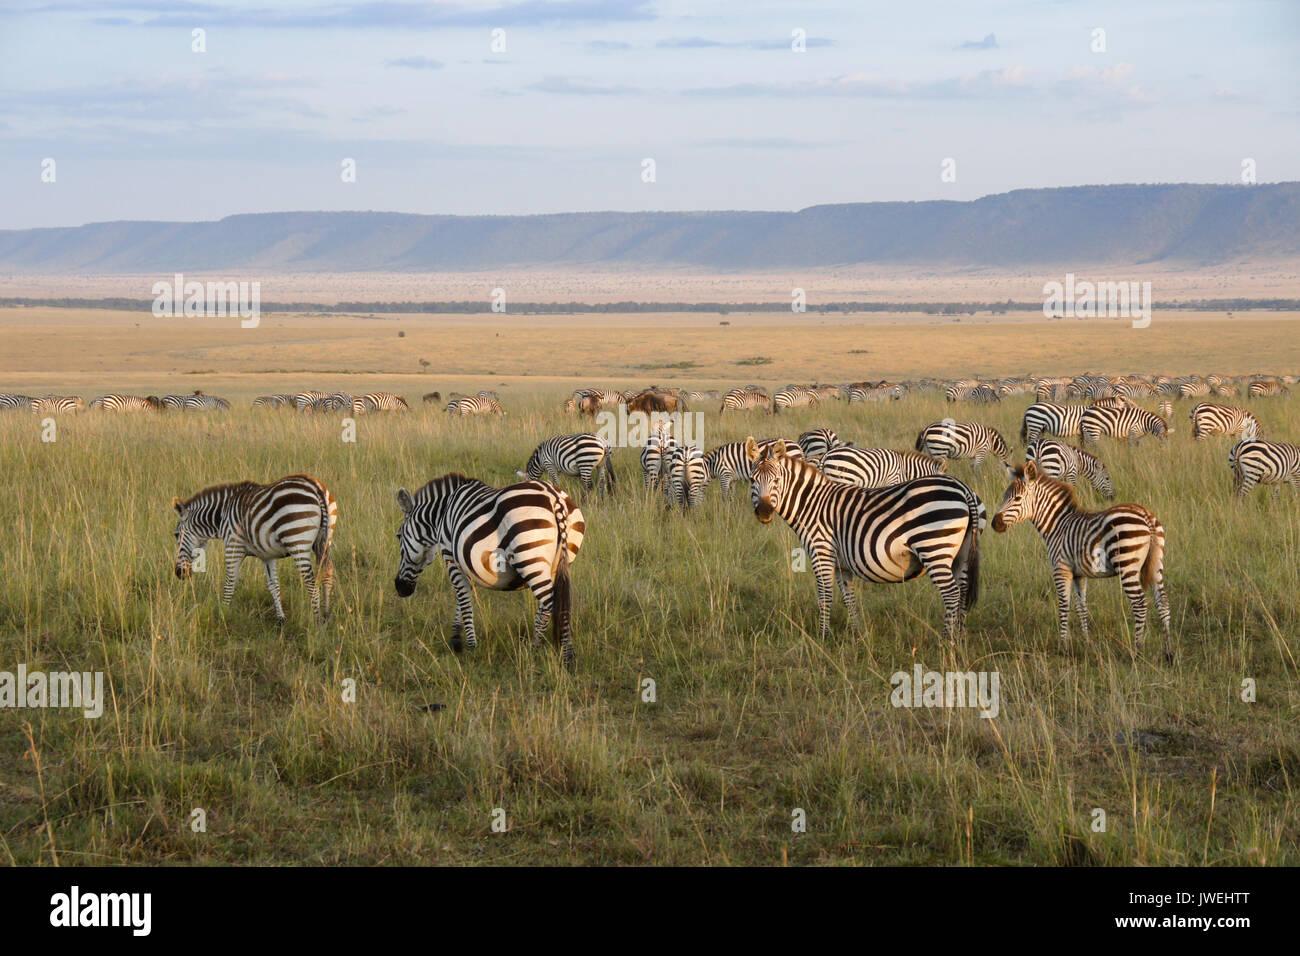 Burchell (commun ou plaine) zebra pâturage sur plaine (Oloololo/Oldoinylo/Siria escarpement dans l'arrière-plan), Banque D'Images